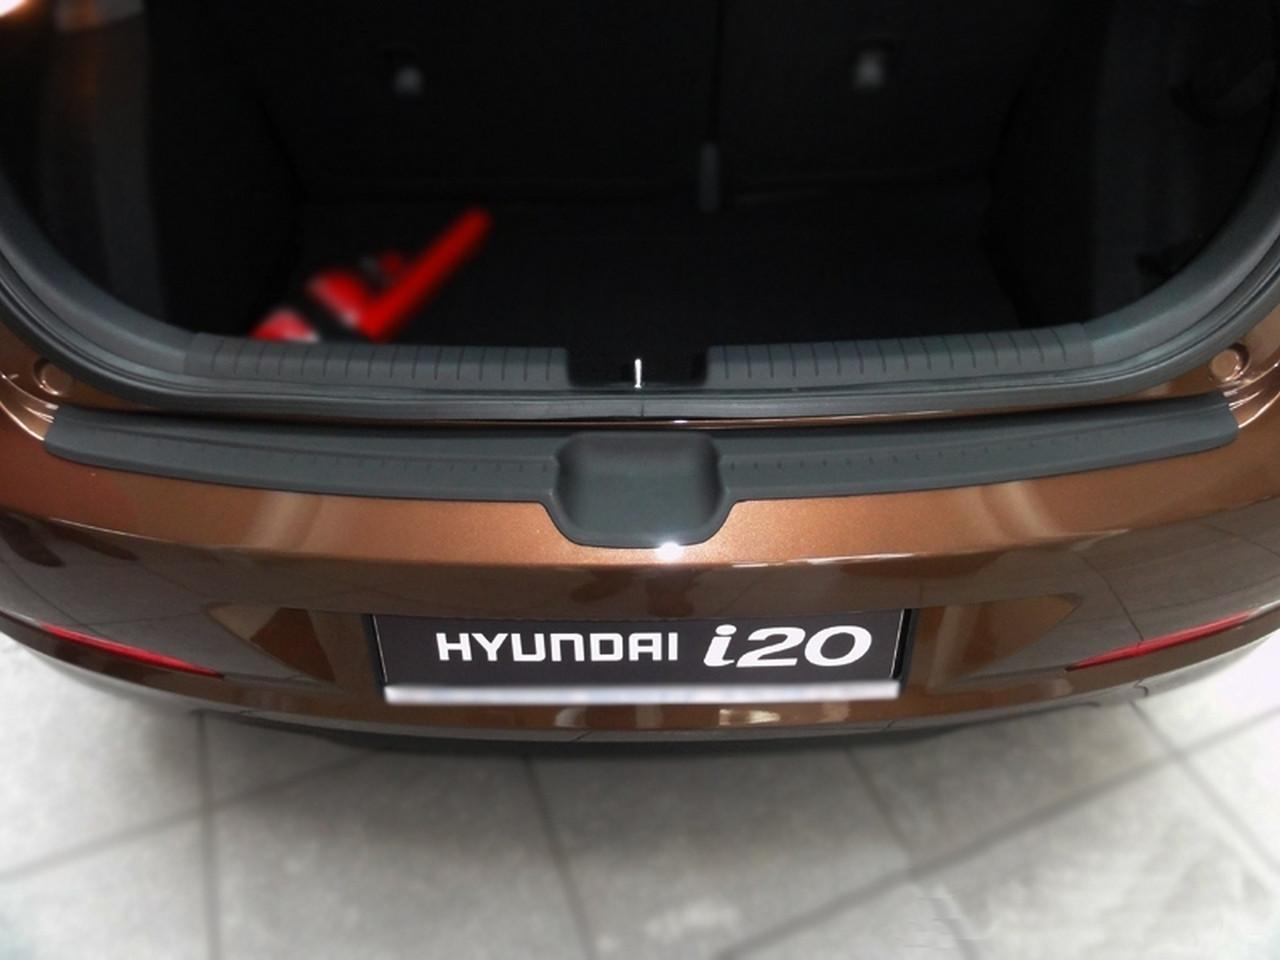 Пластикова захисна накладка на задній бампер для Hyundai i20 Mk2 до-рестайлінг 2014-2018, фото 4